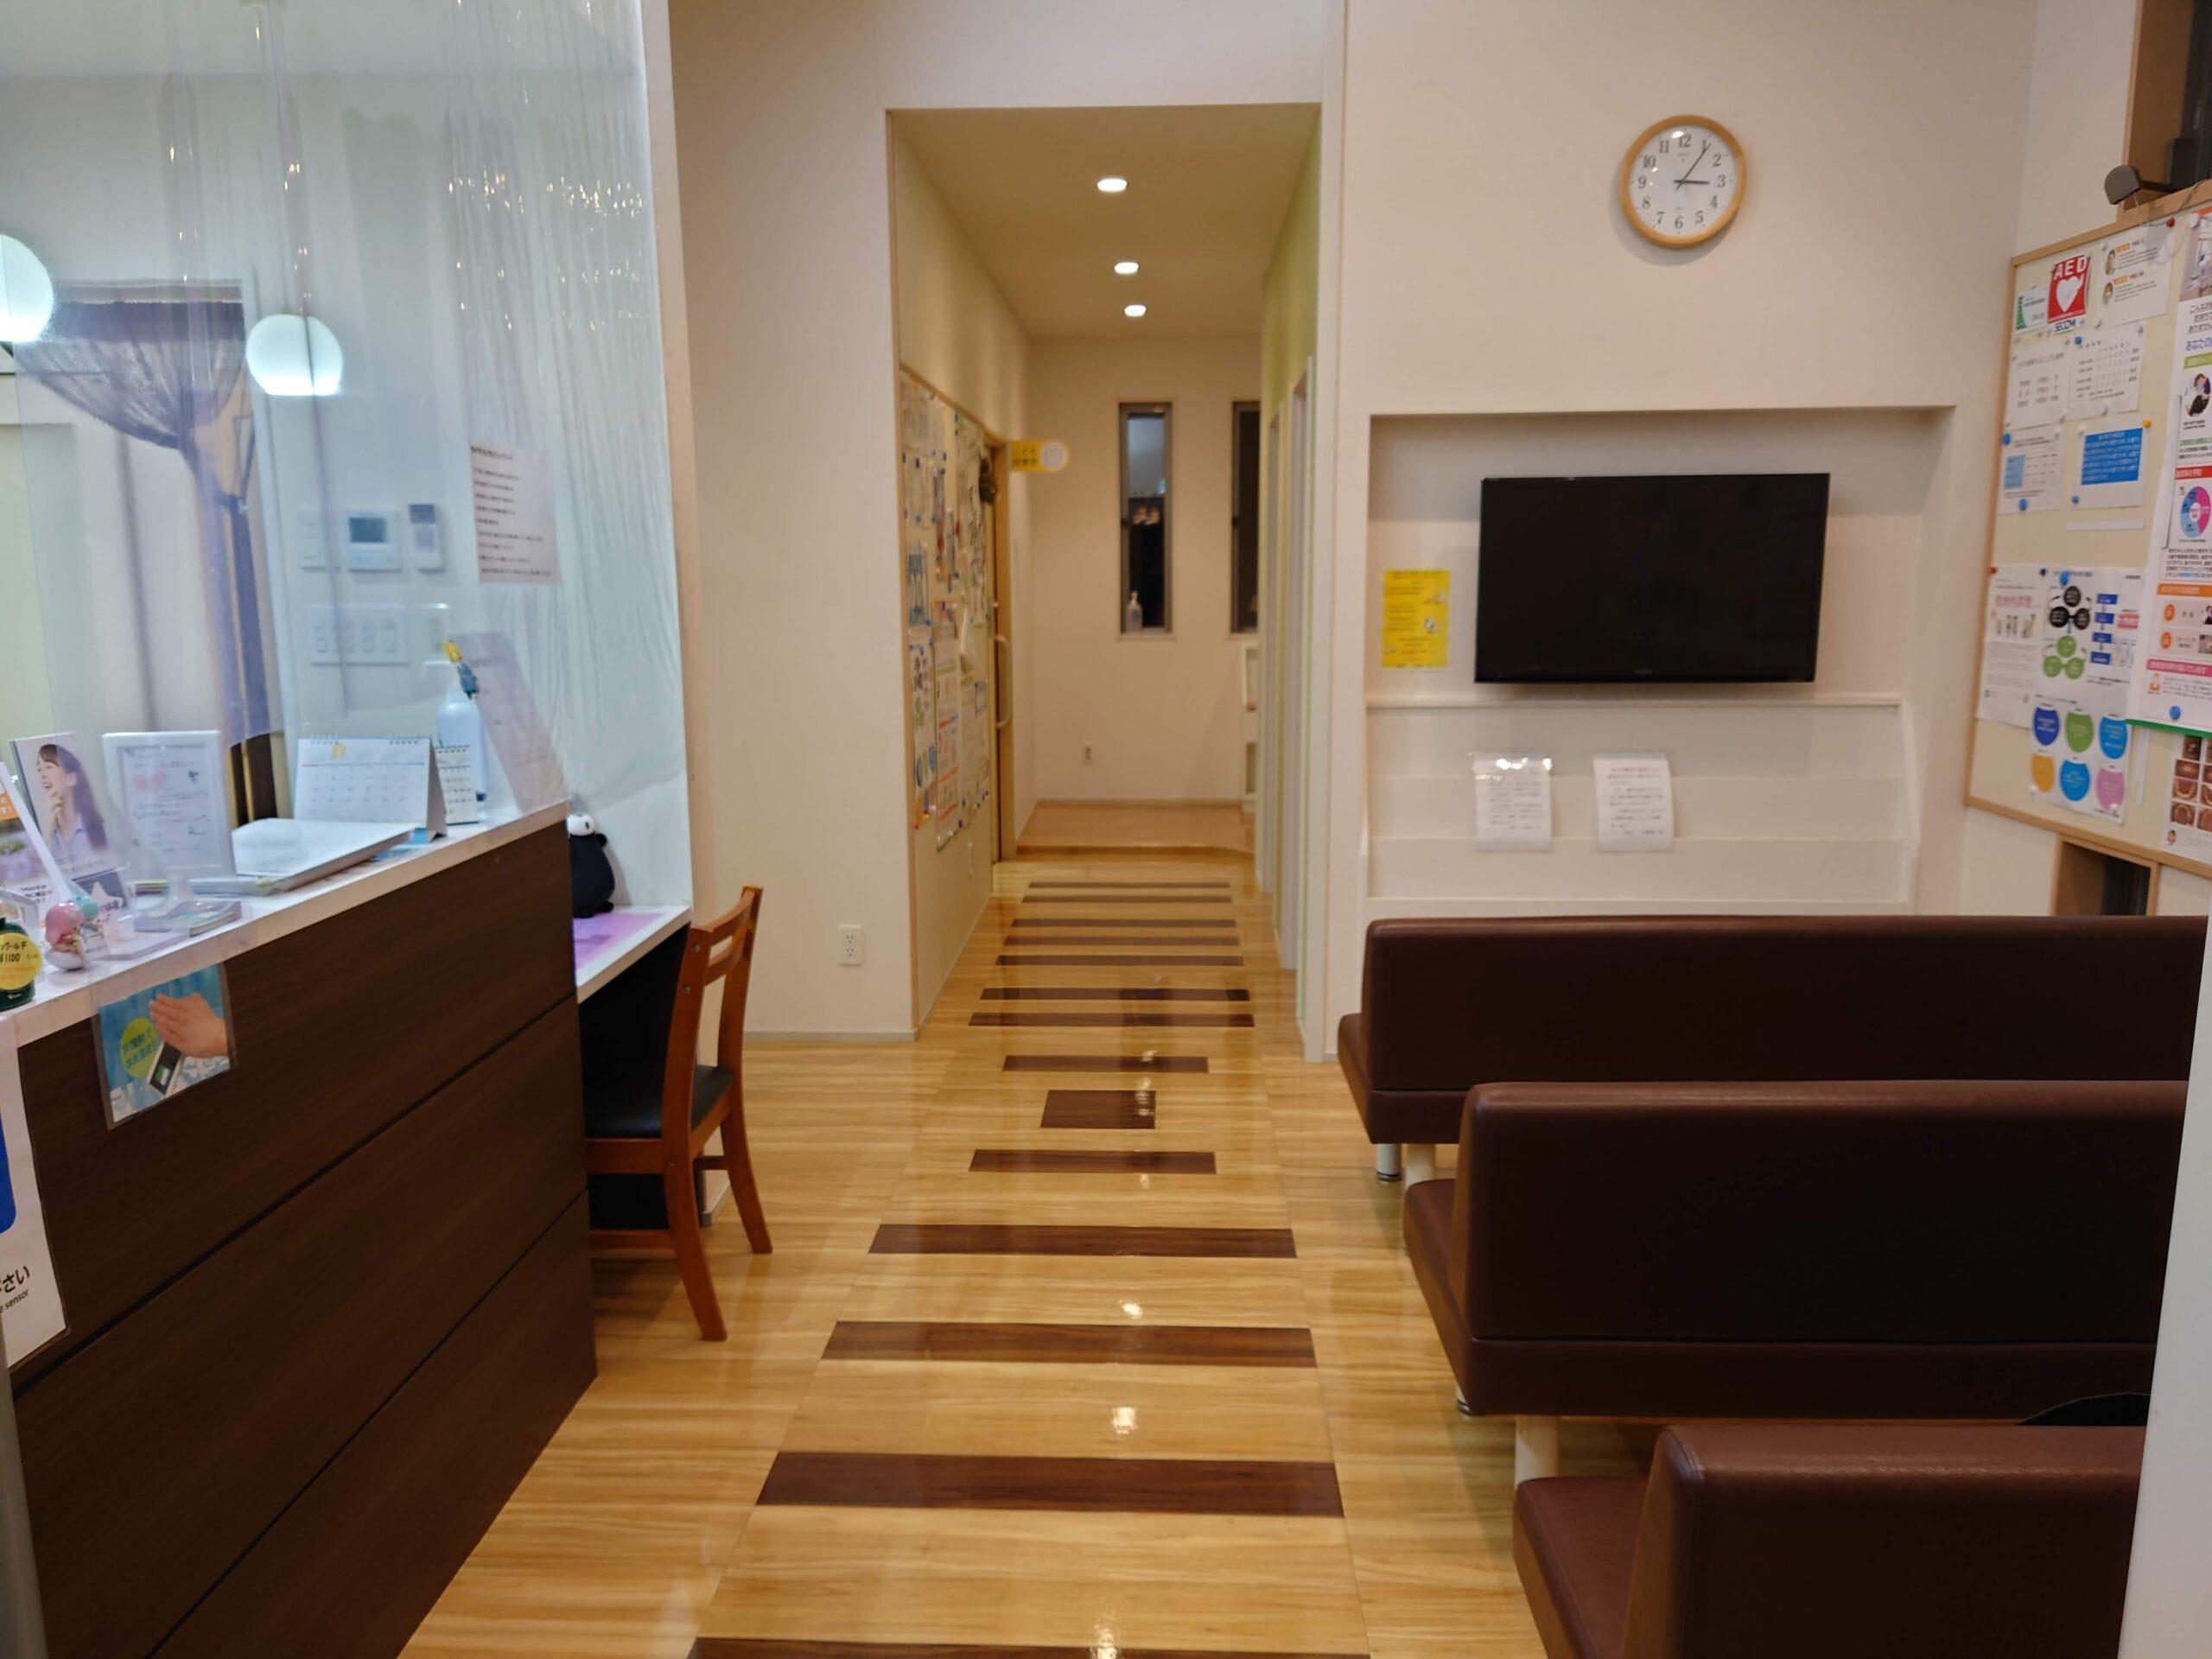 歯科医院待合室の清潔感